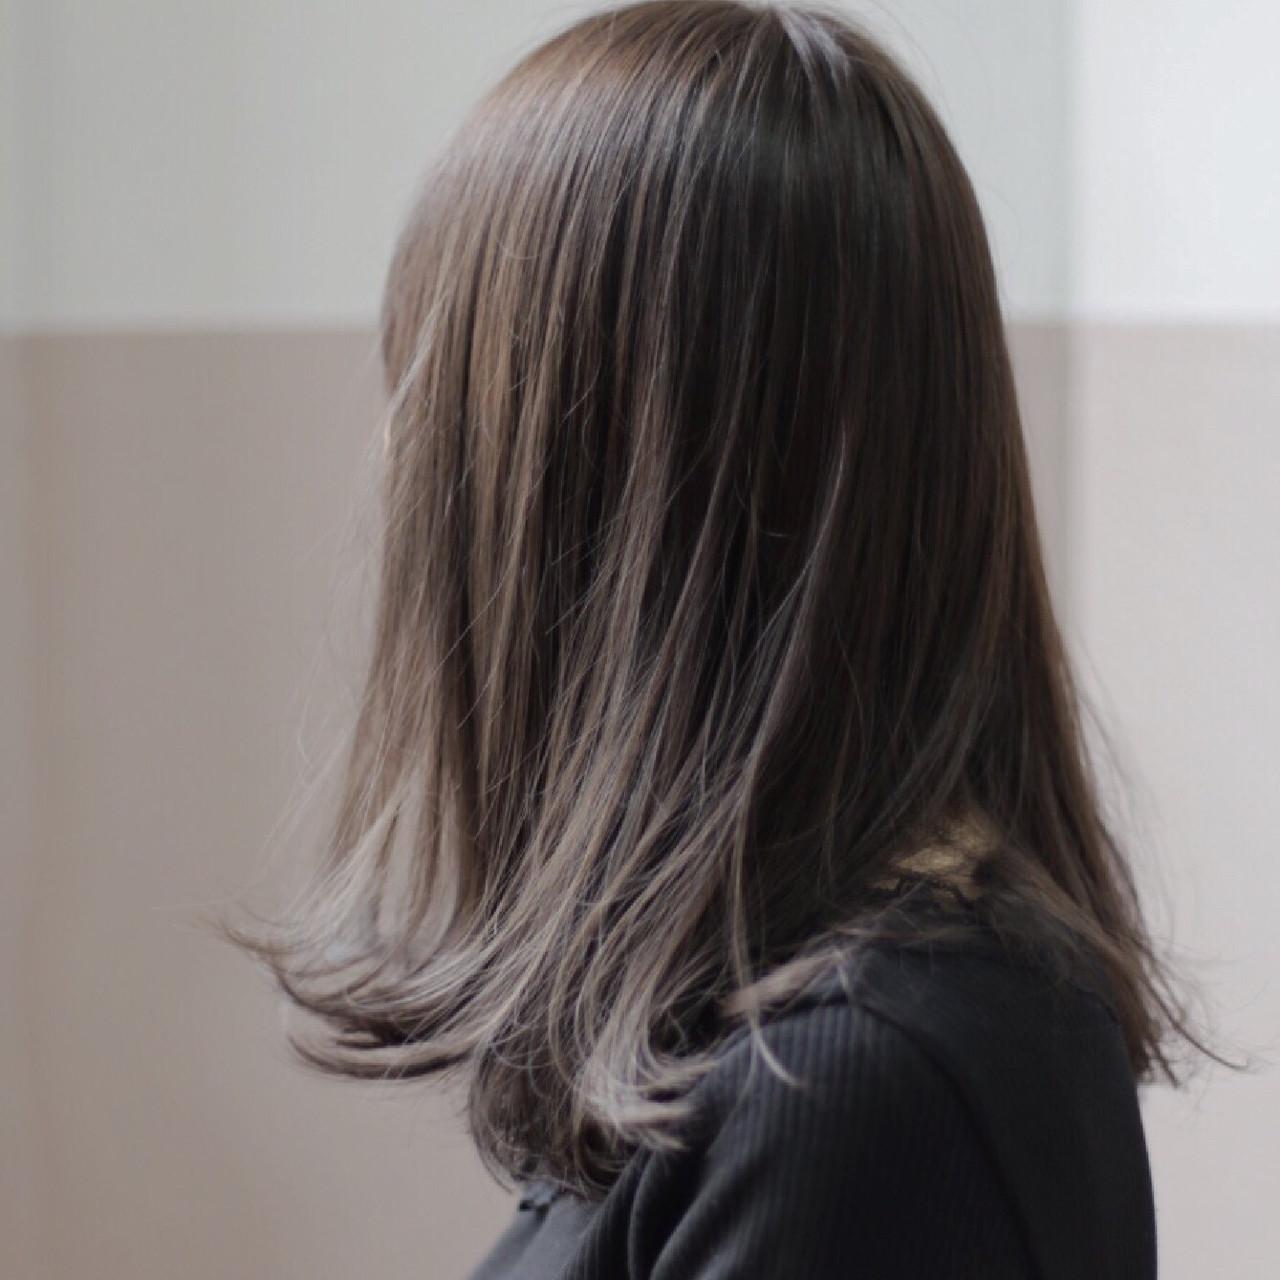 ミディアム ナチュラル ボブ 外国人風カラーヘアスタイルや髪型の写真・画像